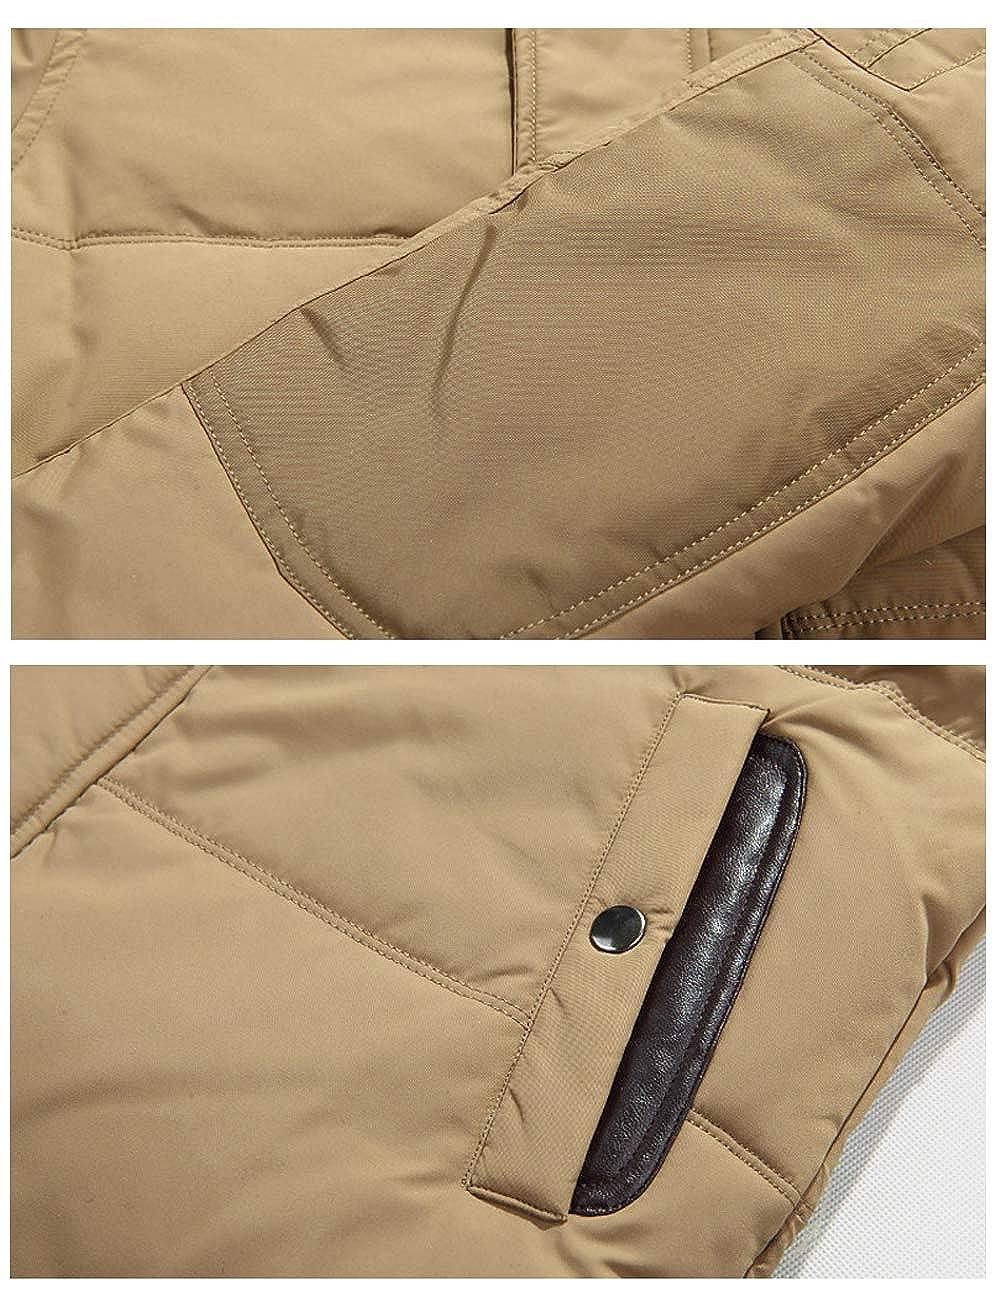 GLESTORE Doudoune Homme Hiver Chaud Manteaux Parka épais Veste Fourrure avec Capuche Militaire Blousons XS-XL T1-orange